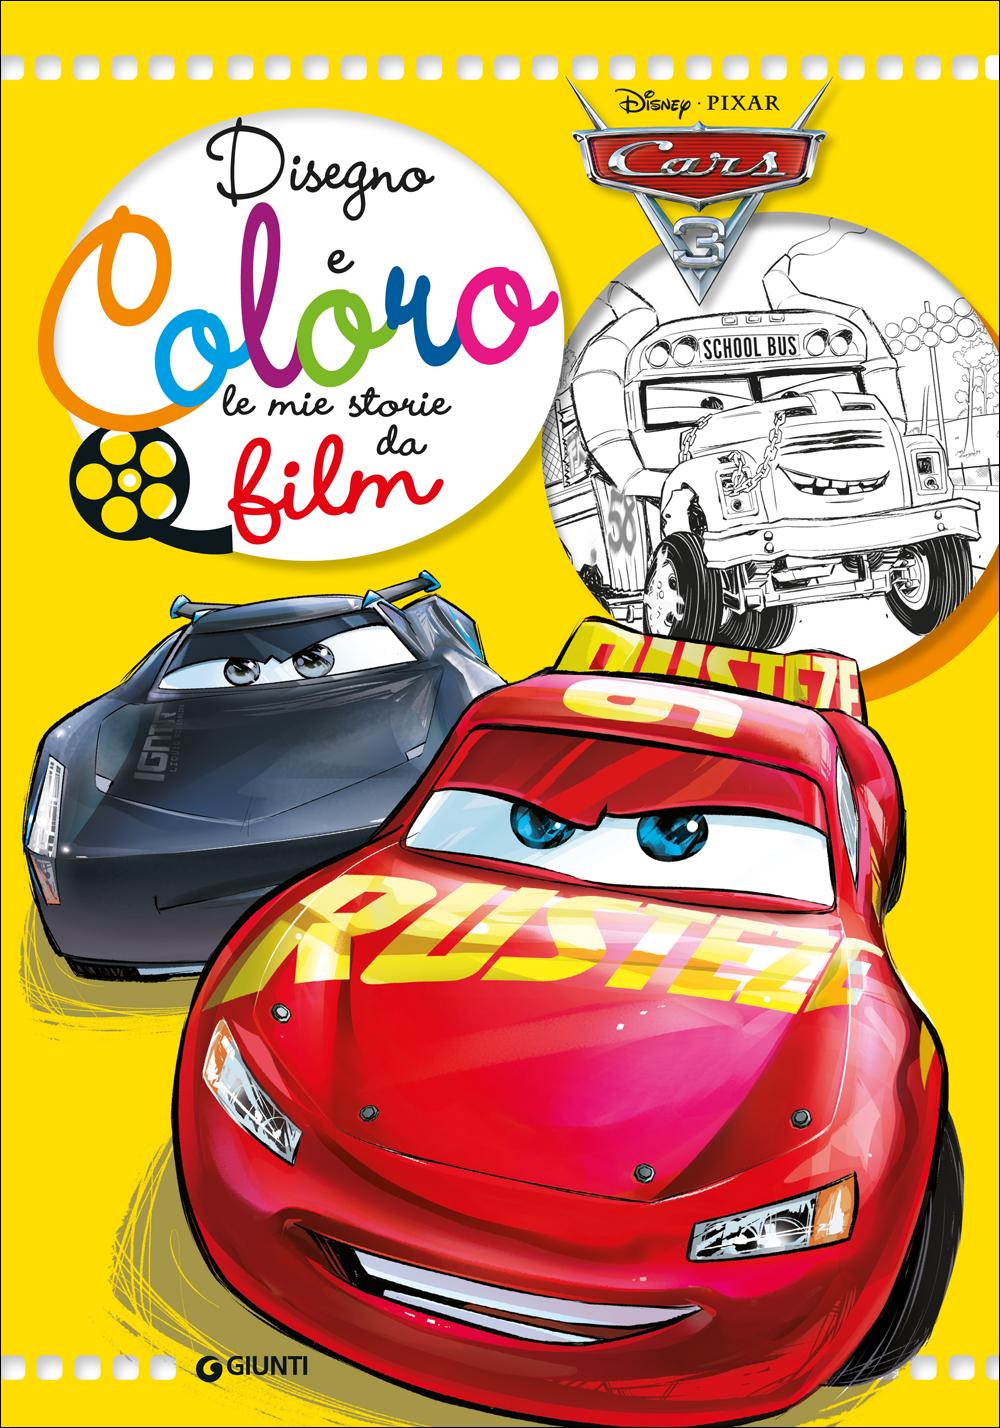 Disegno E Coloro Le Mie Storie Da Film Cars 3 Giunti